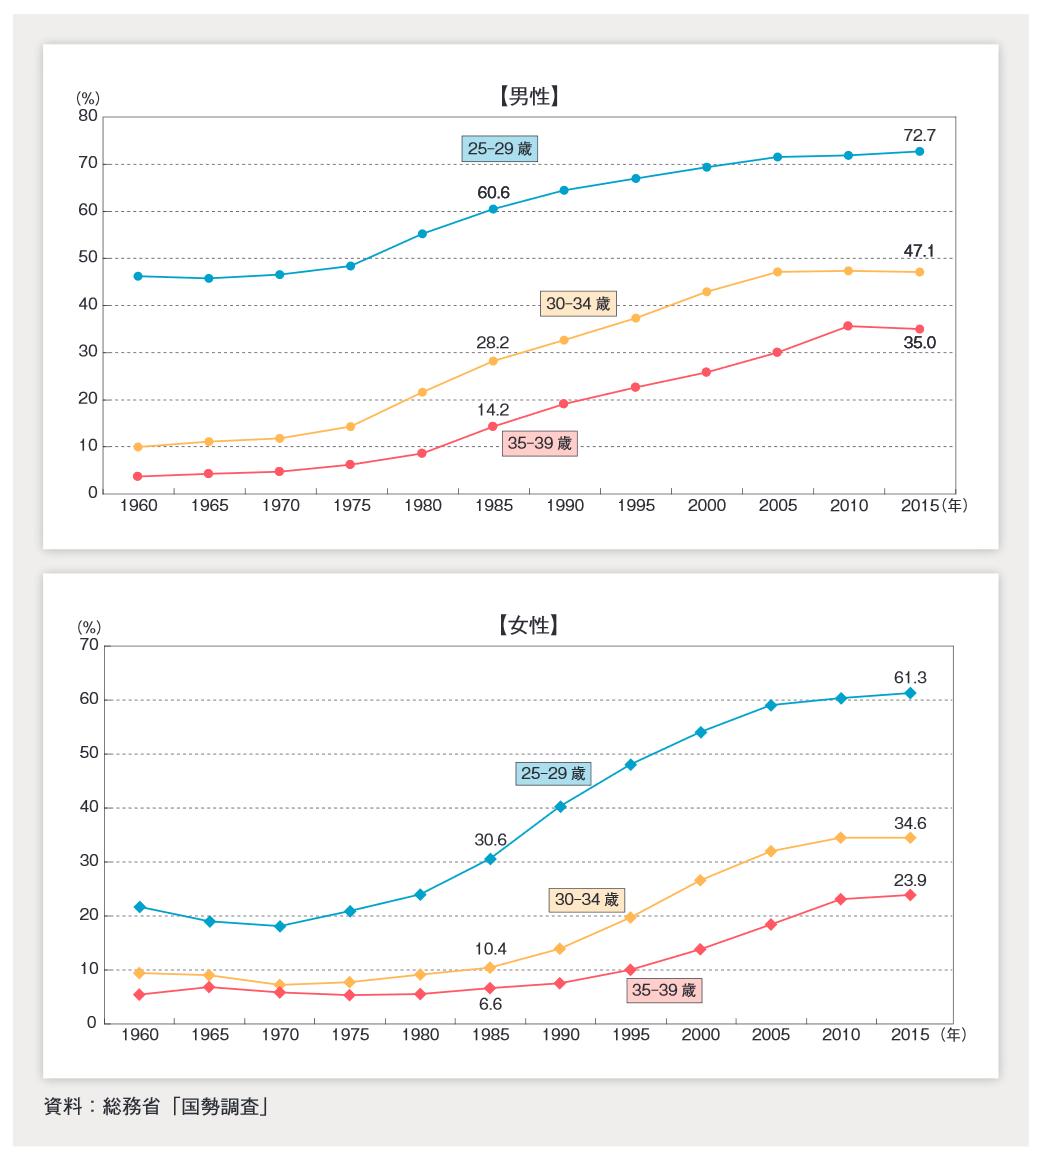 男性女性の未婚率